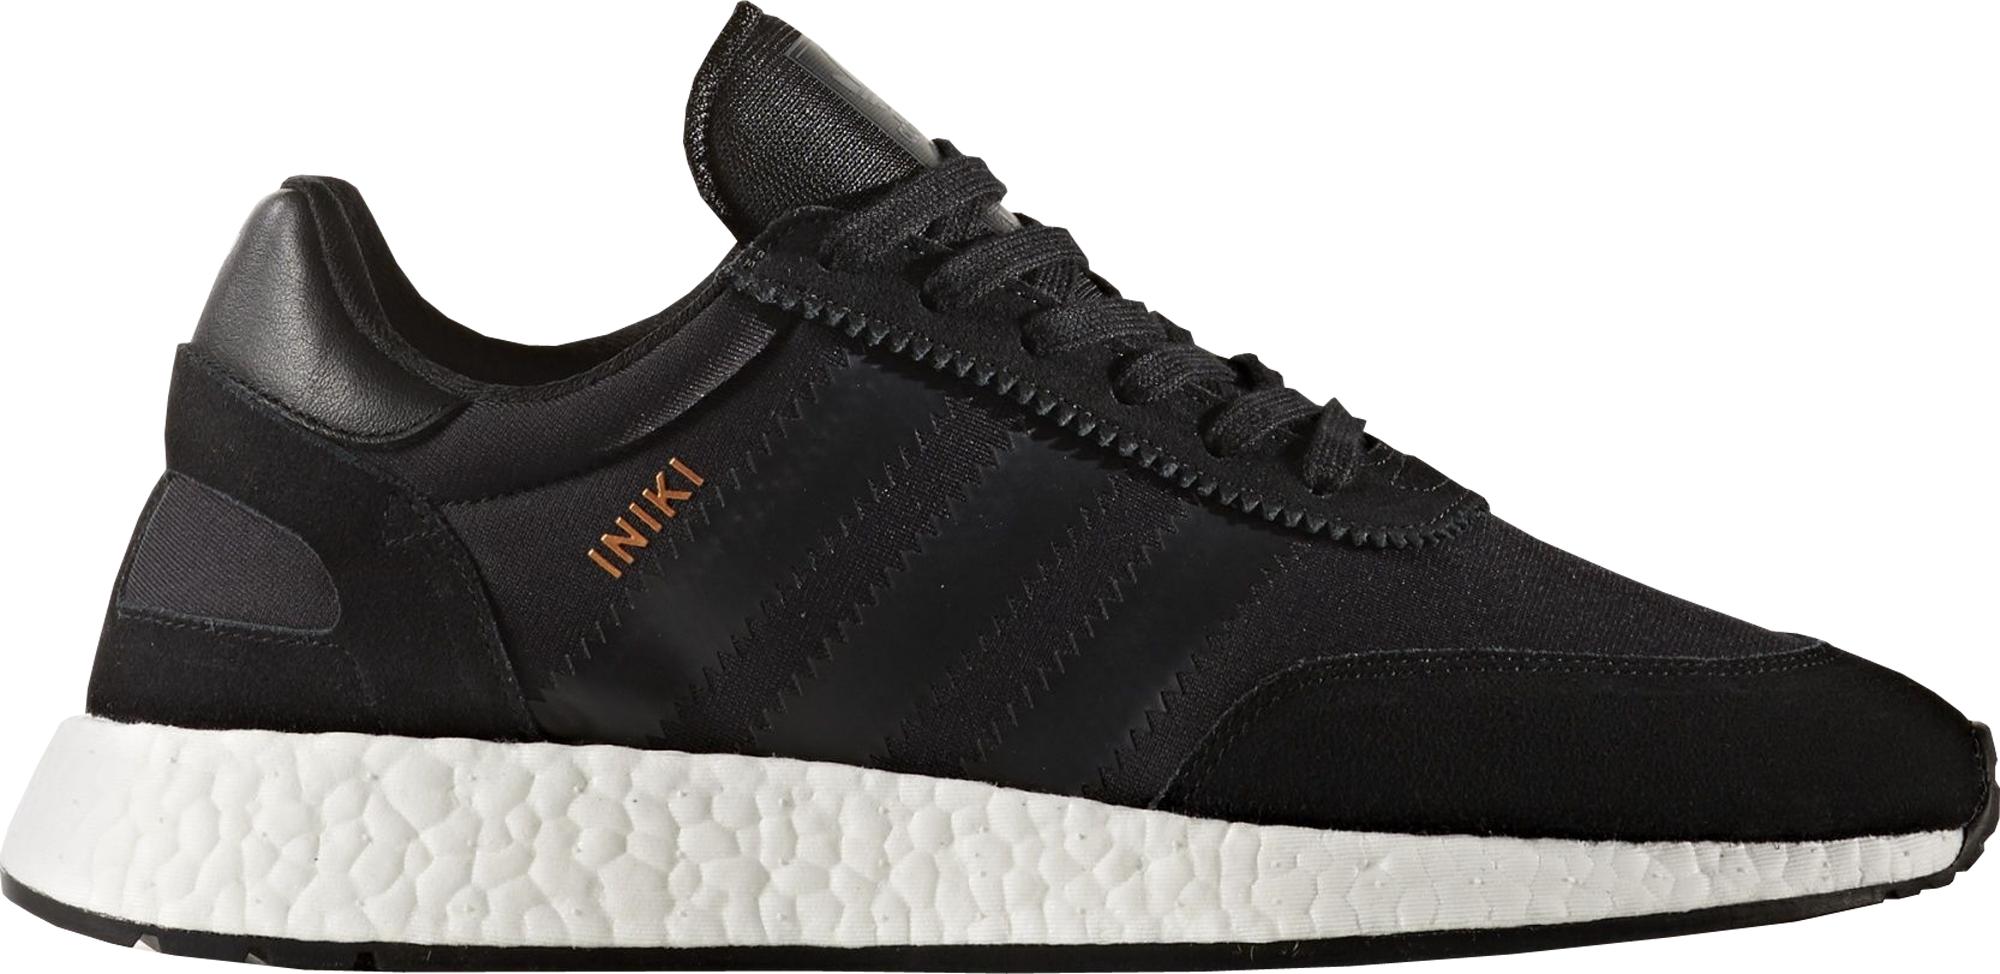 Adidas Iniki Runner Core Black White - StockX News